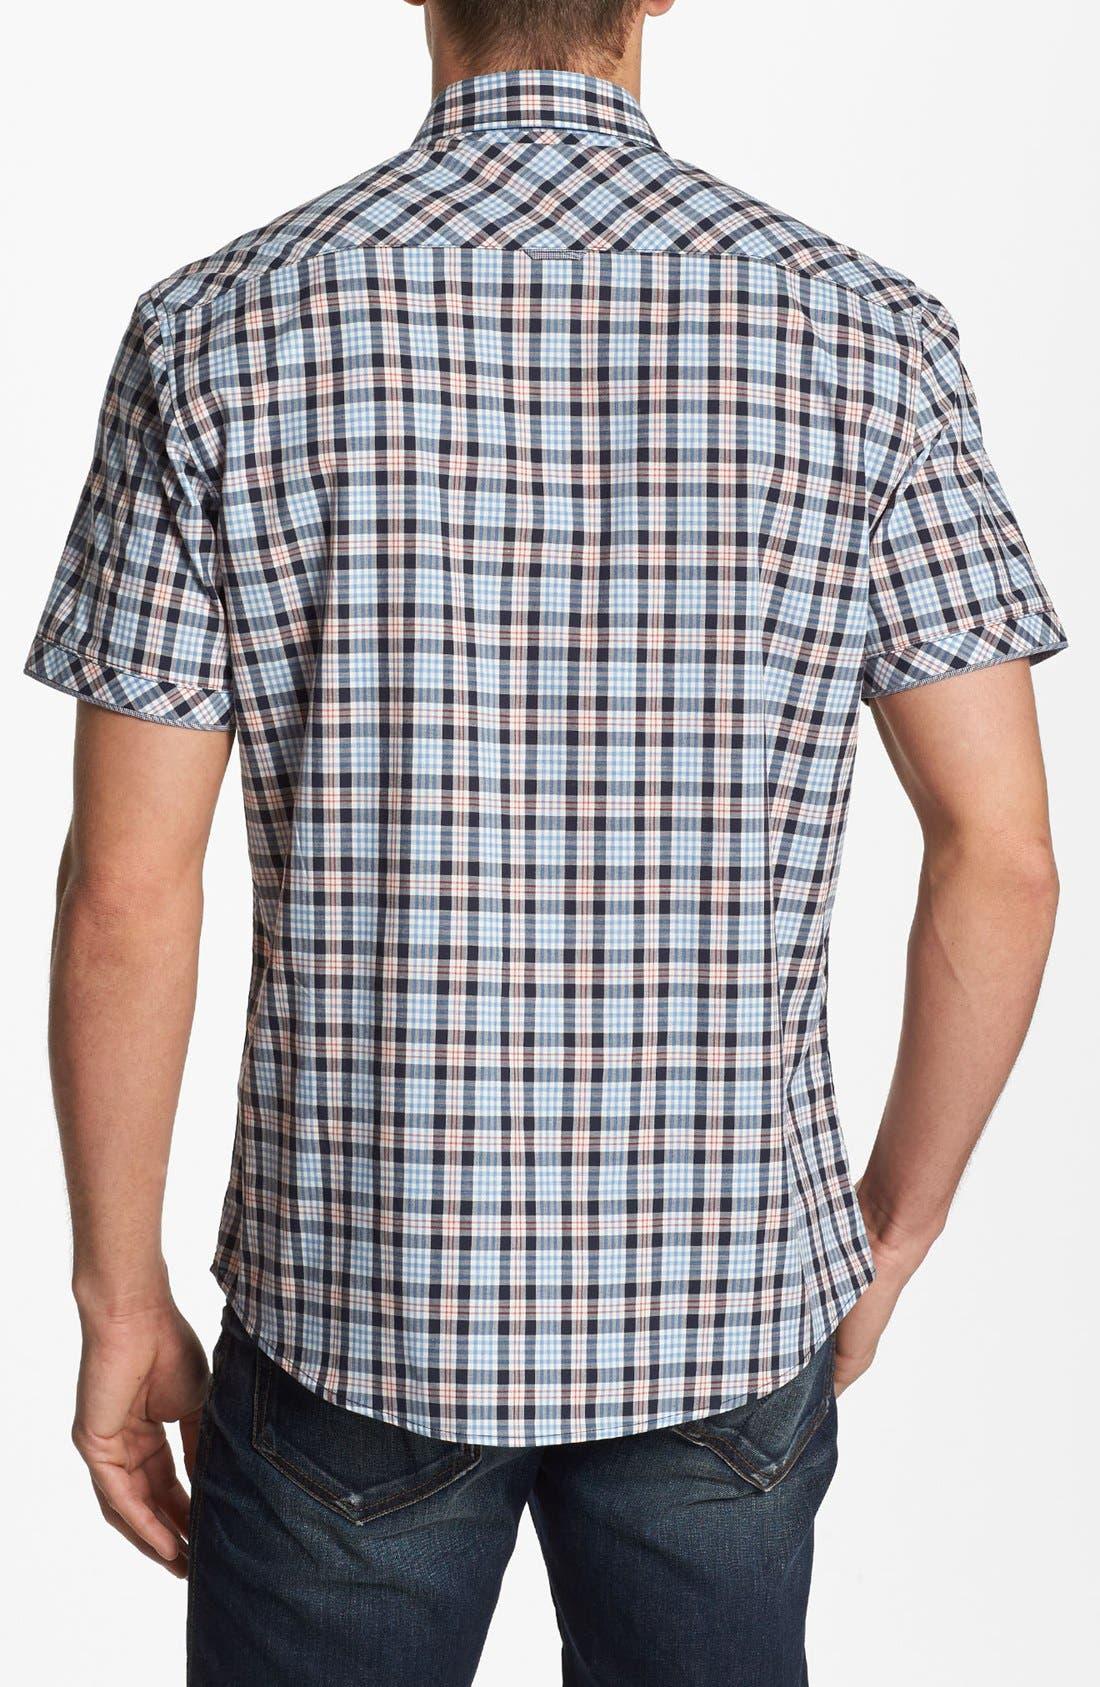 Alternate Image 3  - 7 Diamonds 'Sweet Nothing' Plaid Woven Short Sleeve Shirt